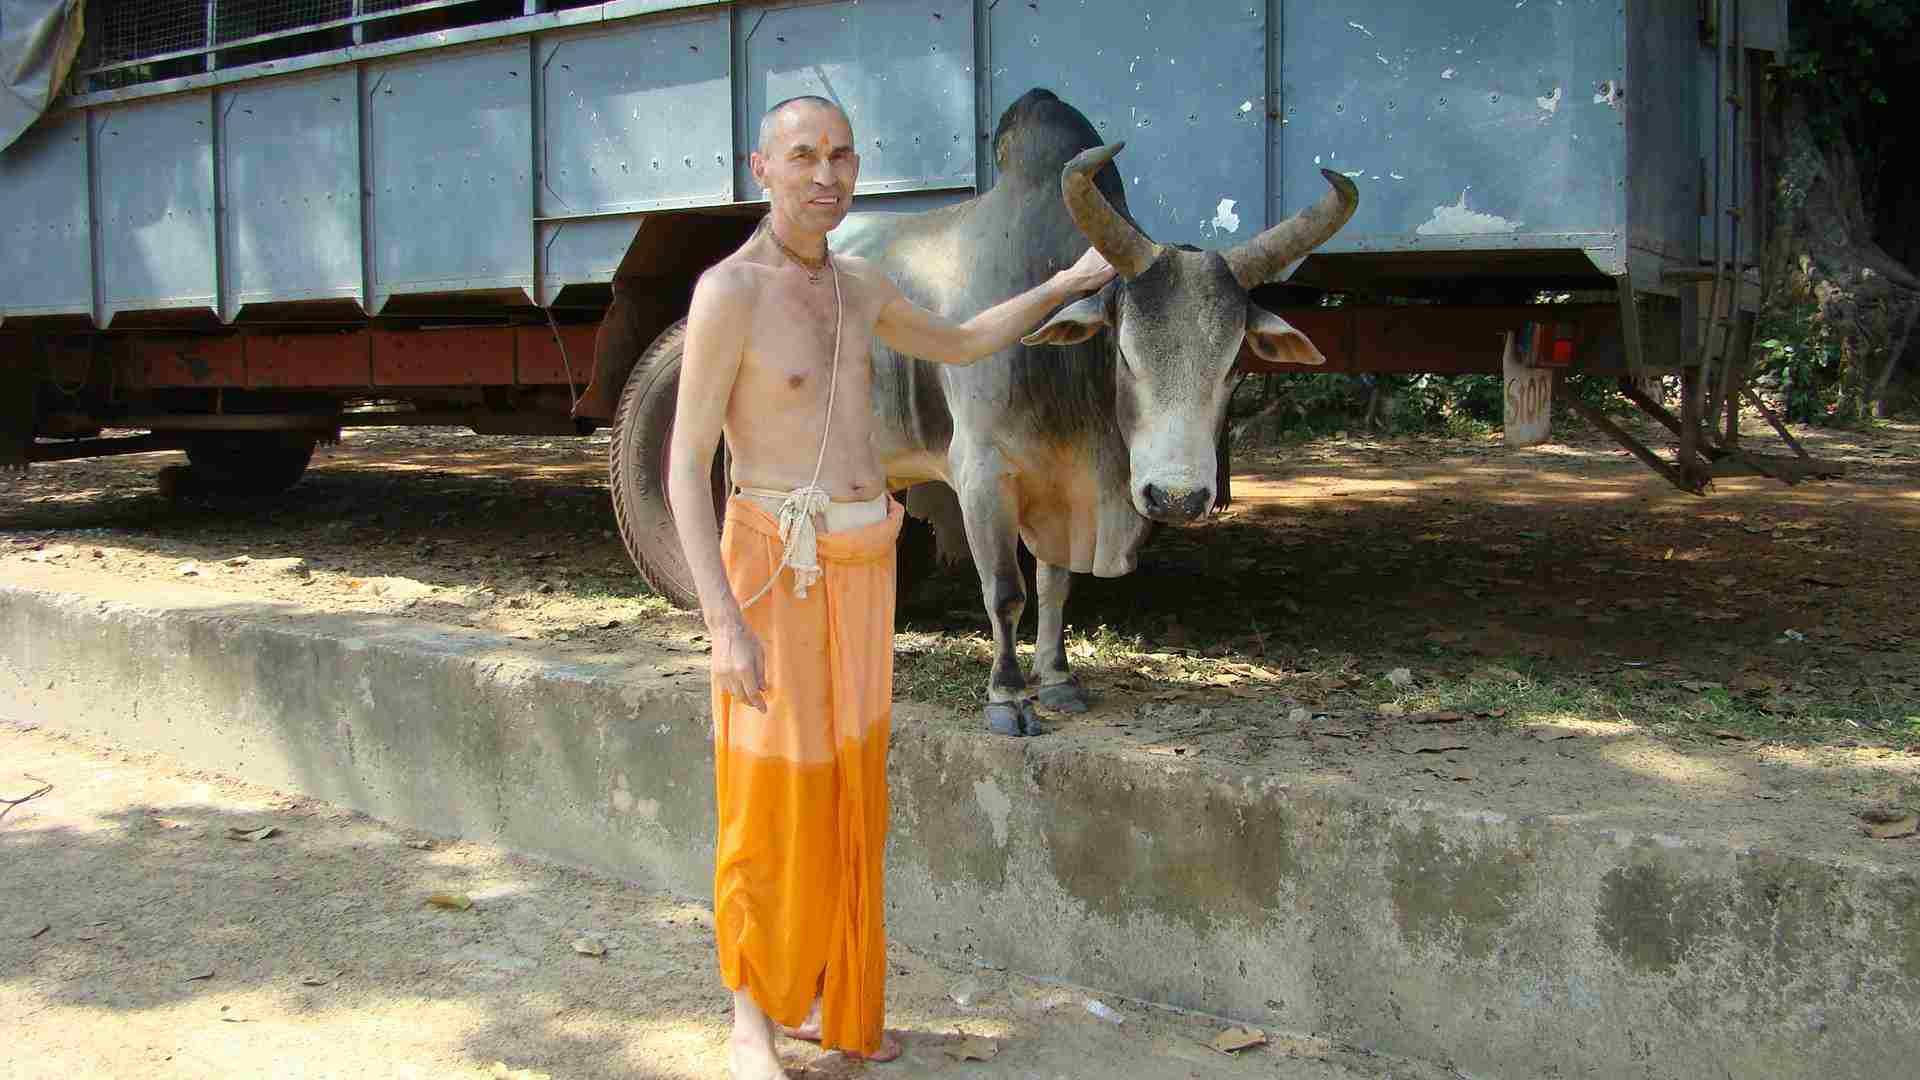 Порно фото совокупления коровы и быка 3 фотография